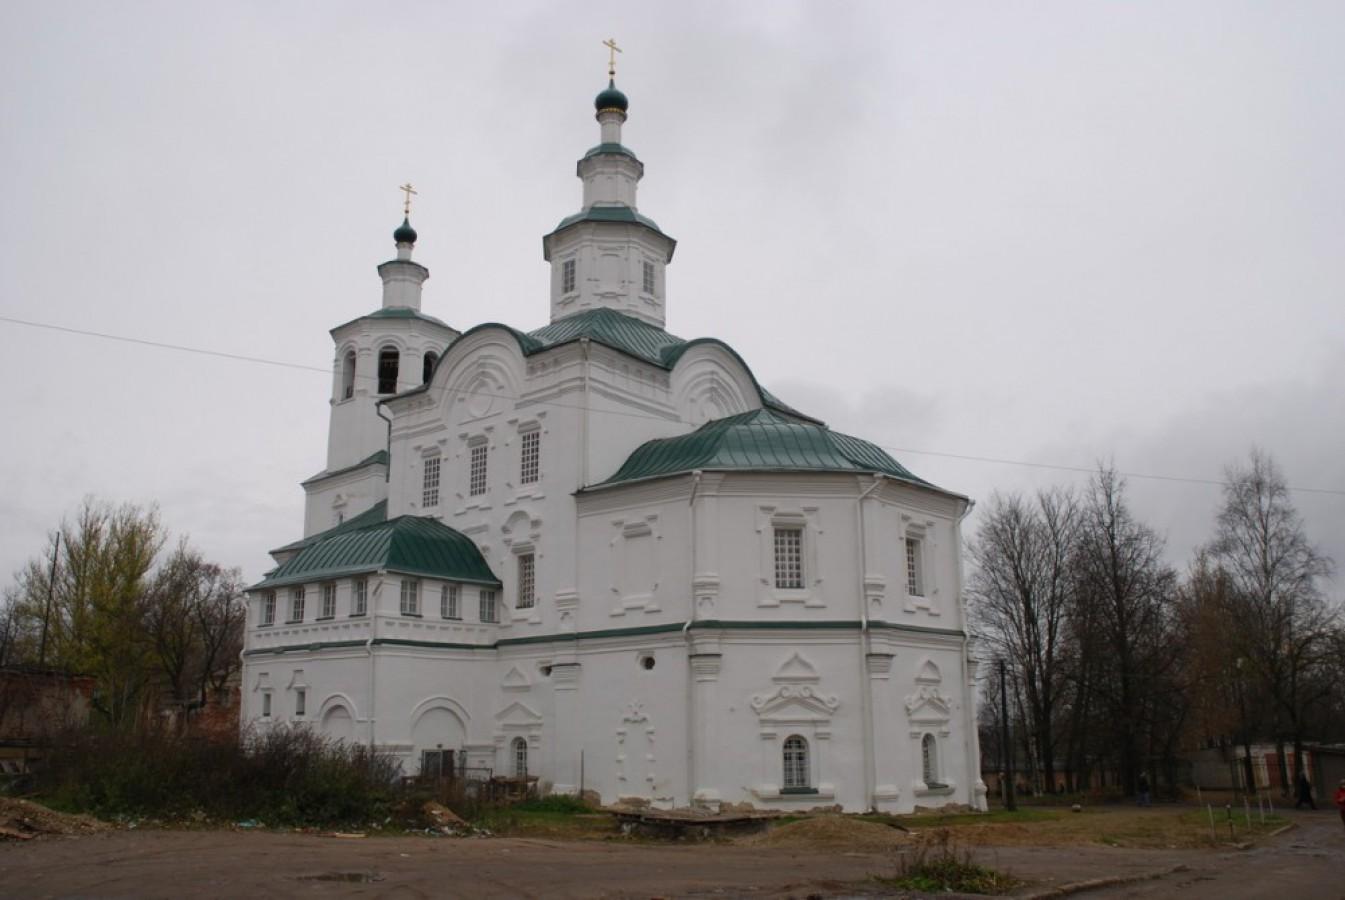 Авраамиев монастырь (Смоленск)